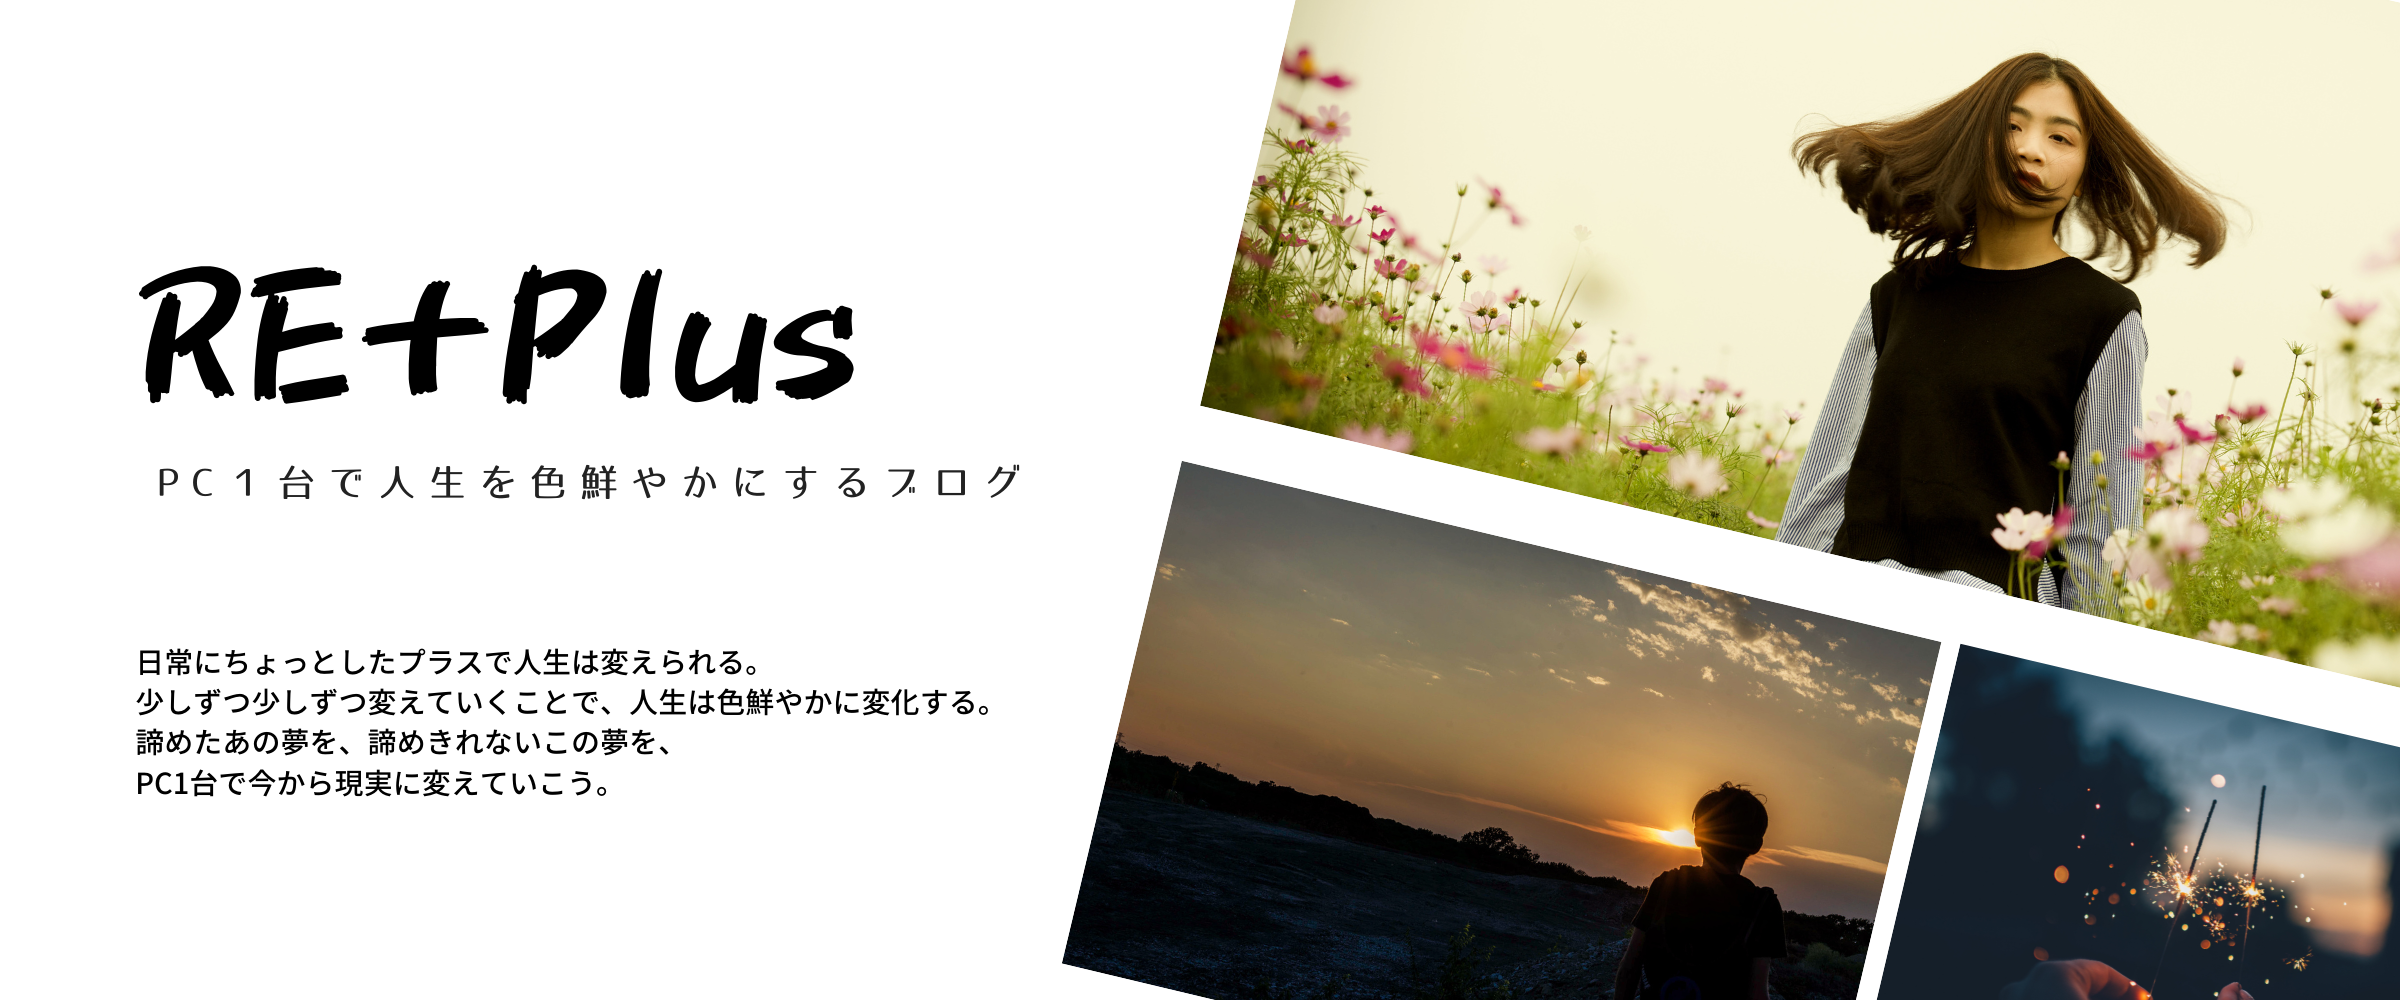 Re+Plus |PC1台で人生を色鮮やかにするブログ